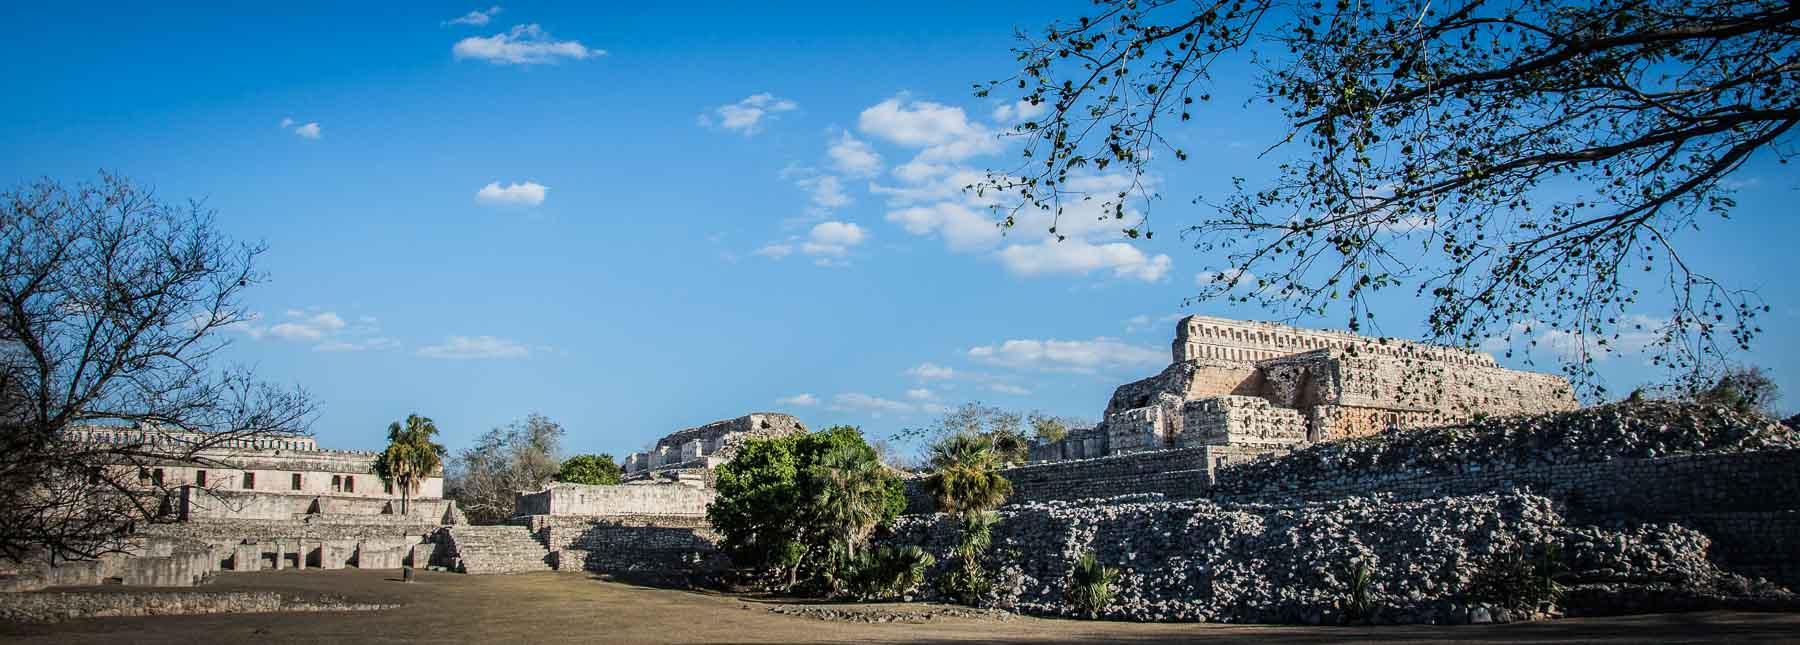 Picture of Mayan ruins at Kabah.